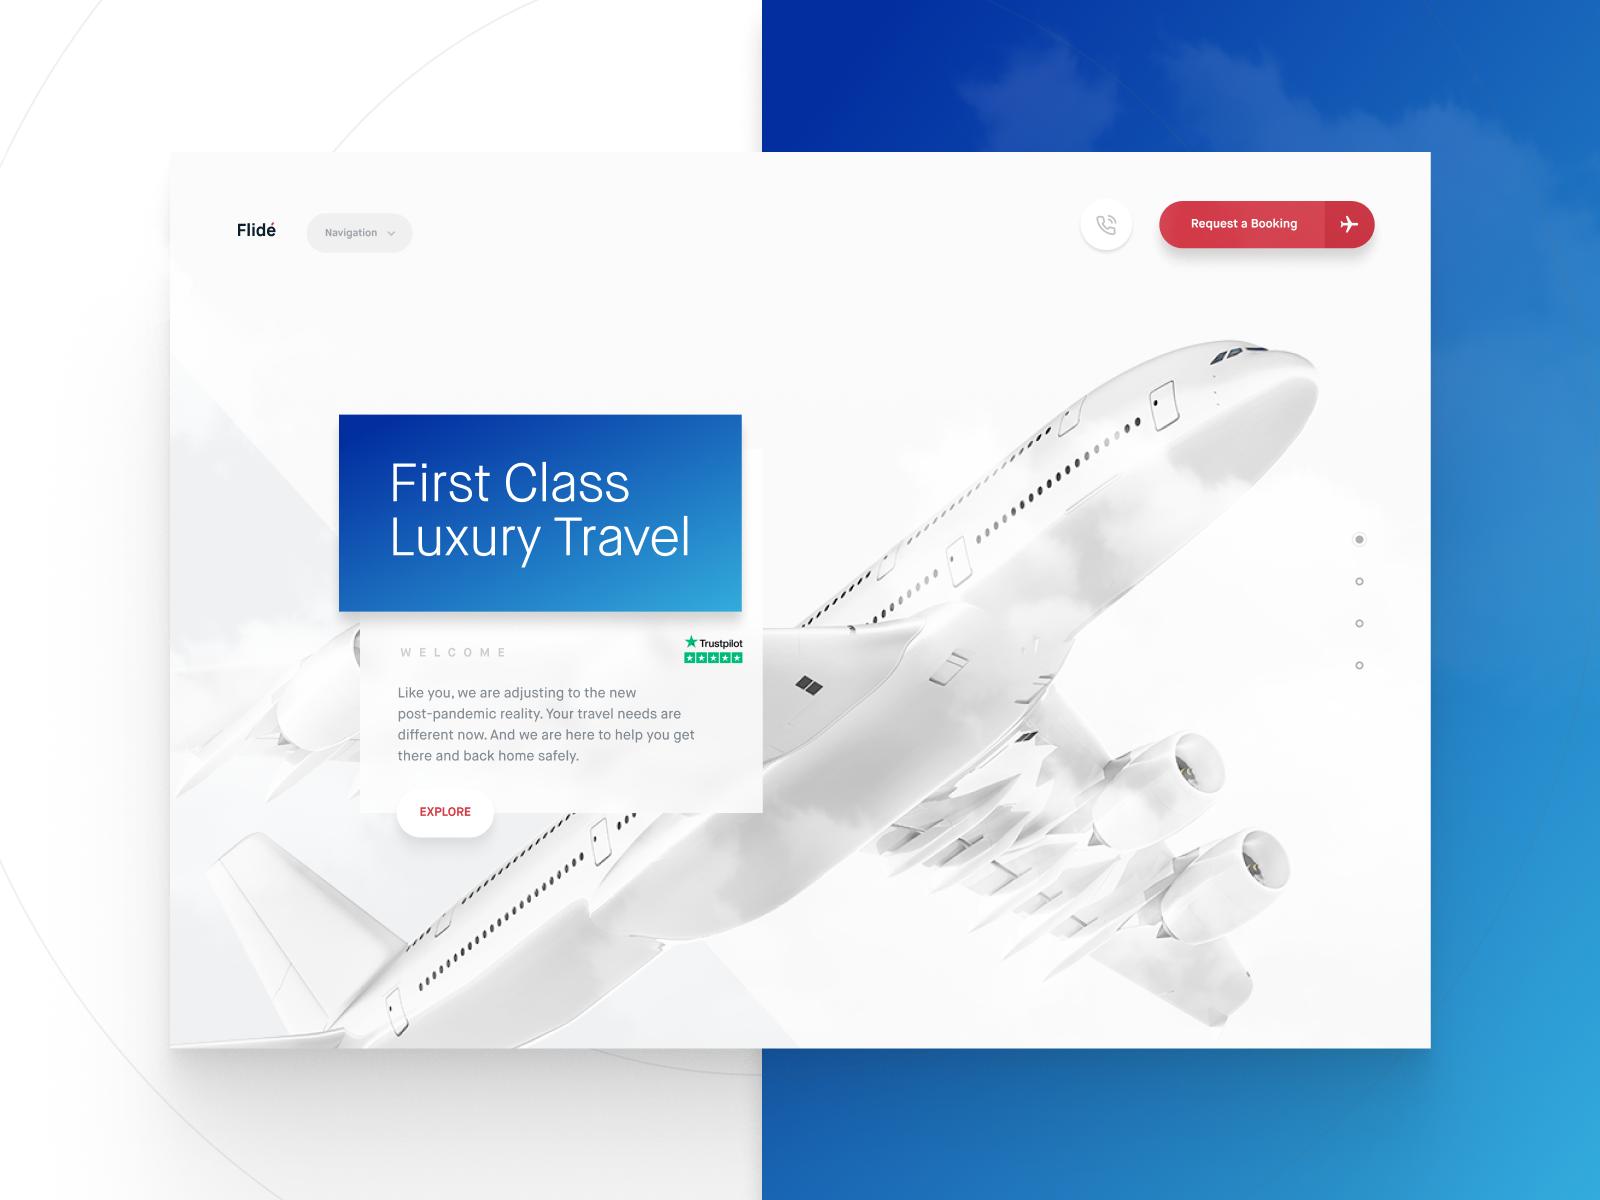 Flide Webdesign